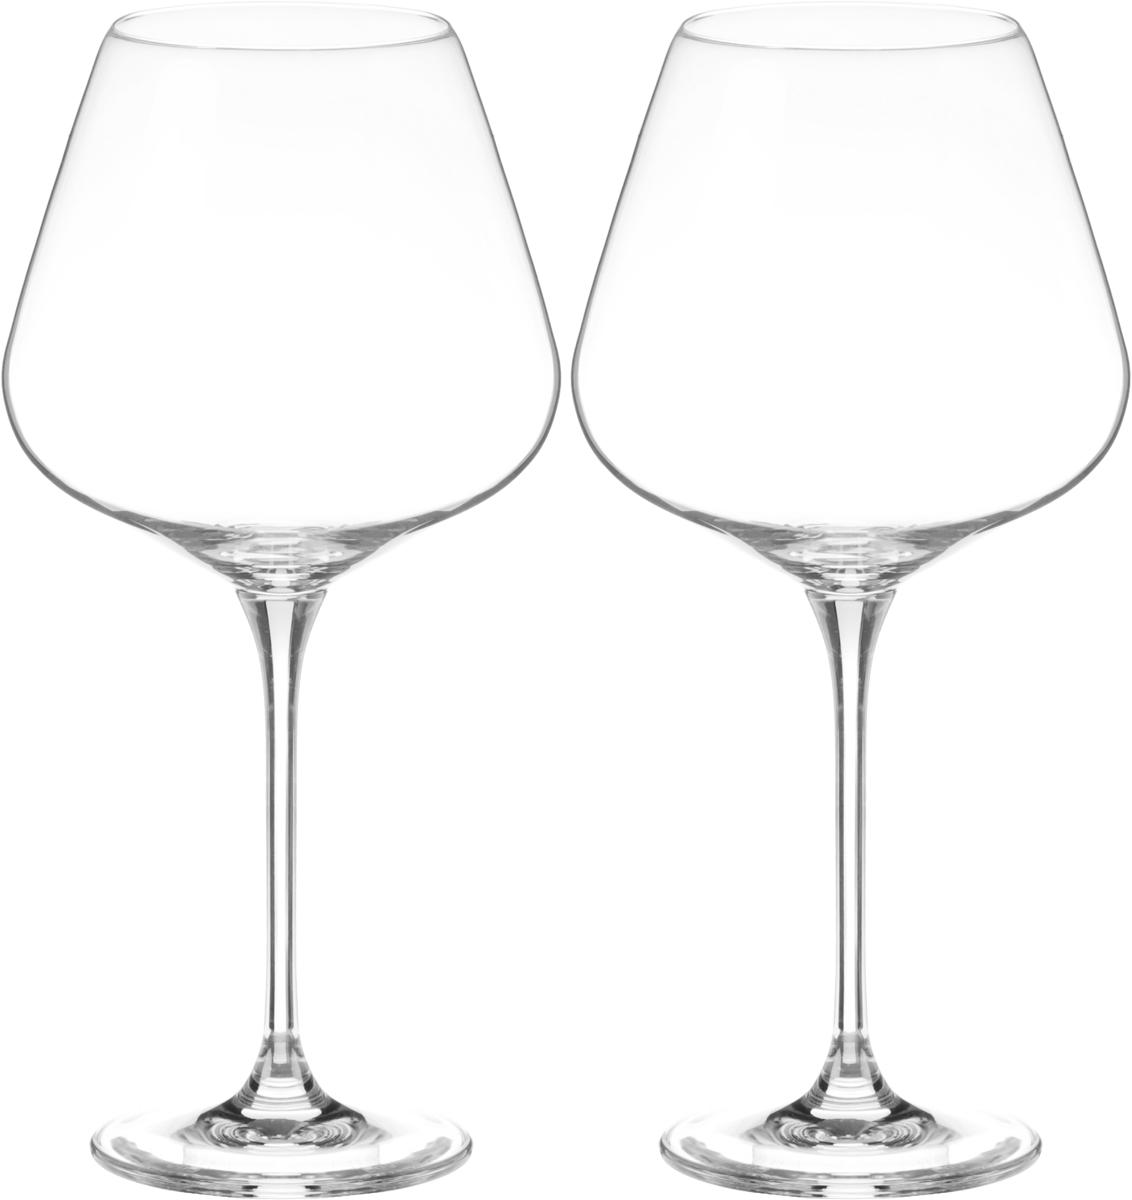 Набор бокалов для вина Wilmax, 880 мл, 2 штWL-888055 / 2CНабор Wilmax состоит из двух бокалов, выполненных из стекла. Изделия оснащены высокими ножками и предназначены для подачи вина. Они сочетают в себе элегантный дизайн и функциональность. Набор бокалов Wilmax прекрасно оформит праздничный стол и создаст приятную атмосферу за романтическим ужином. Такой набор также станет хорошим подарком к любому случаю. Бокалы можно мыть в посудомоечной машине. Диаметр бокала по верхнему краю: 7,5 см. Диаметр основания: 8,3 см. Высота бокала: 25,5 см.